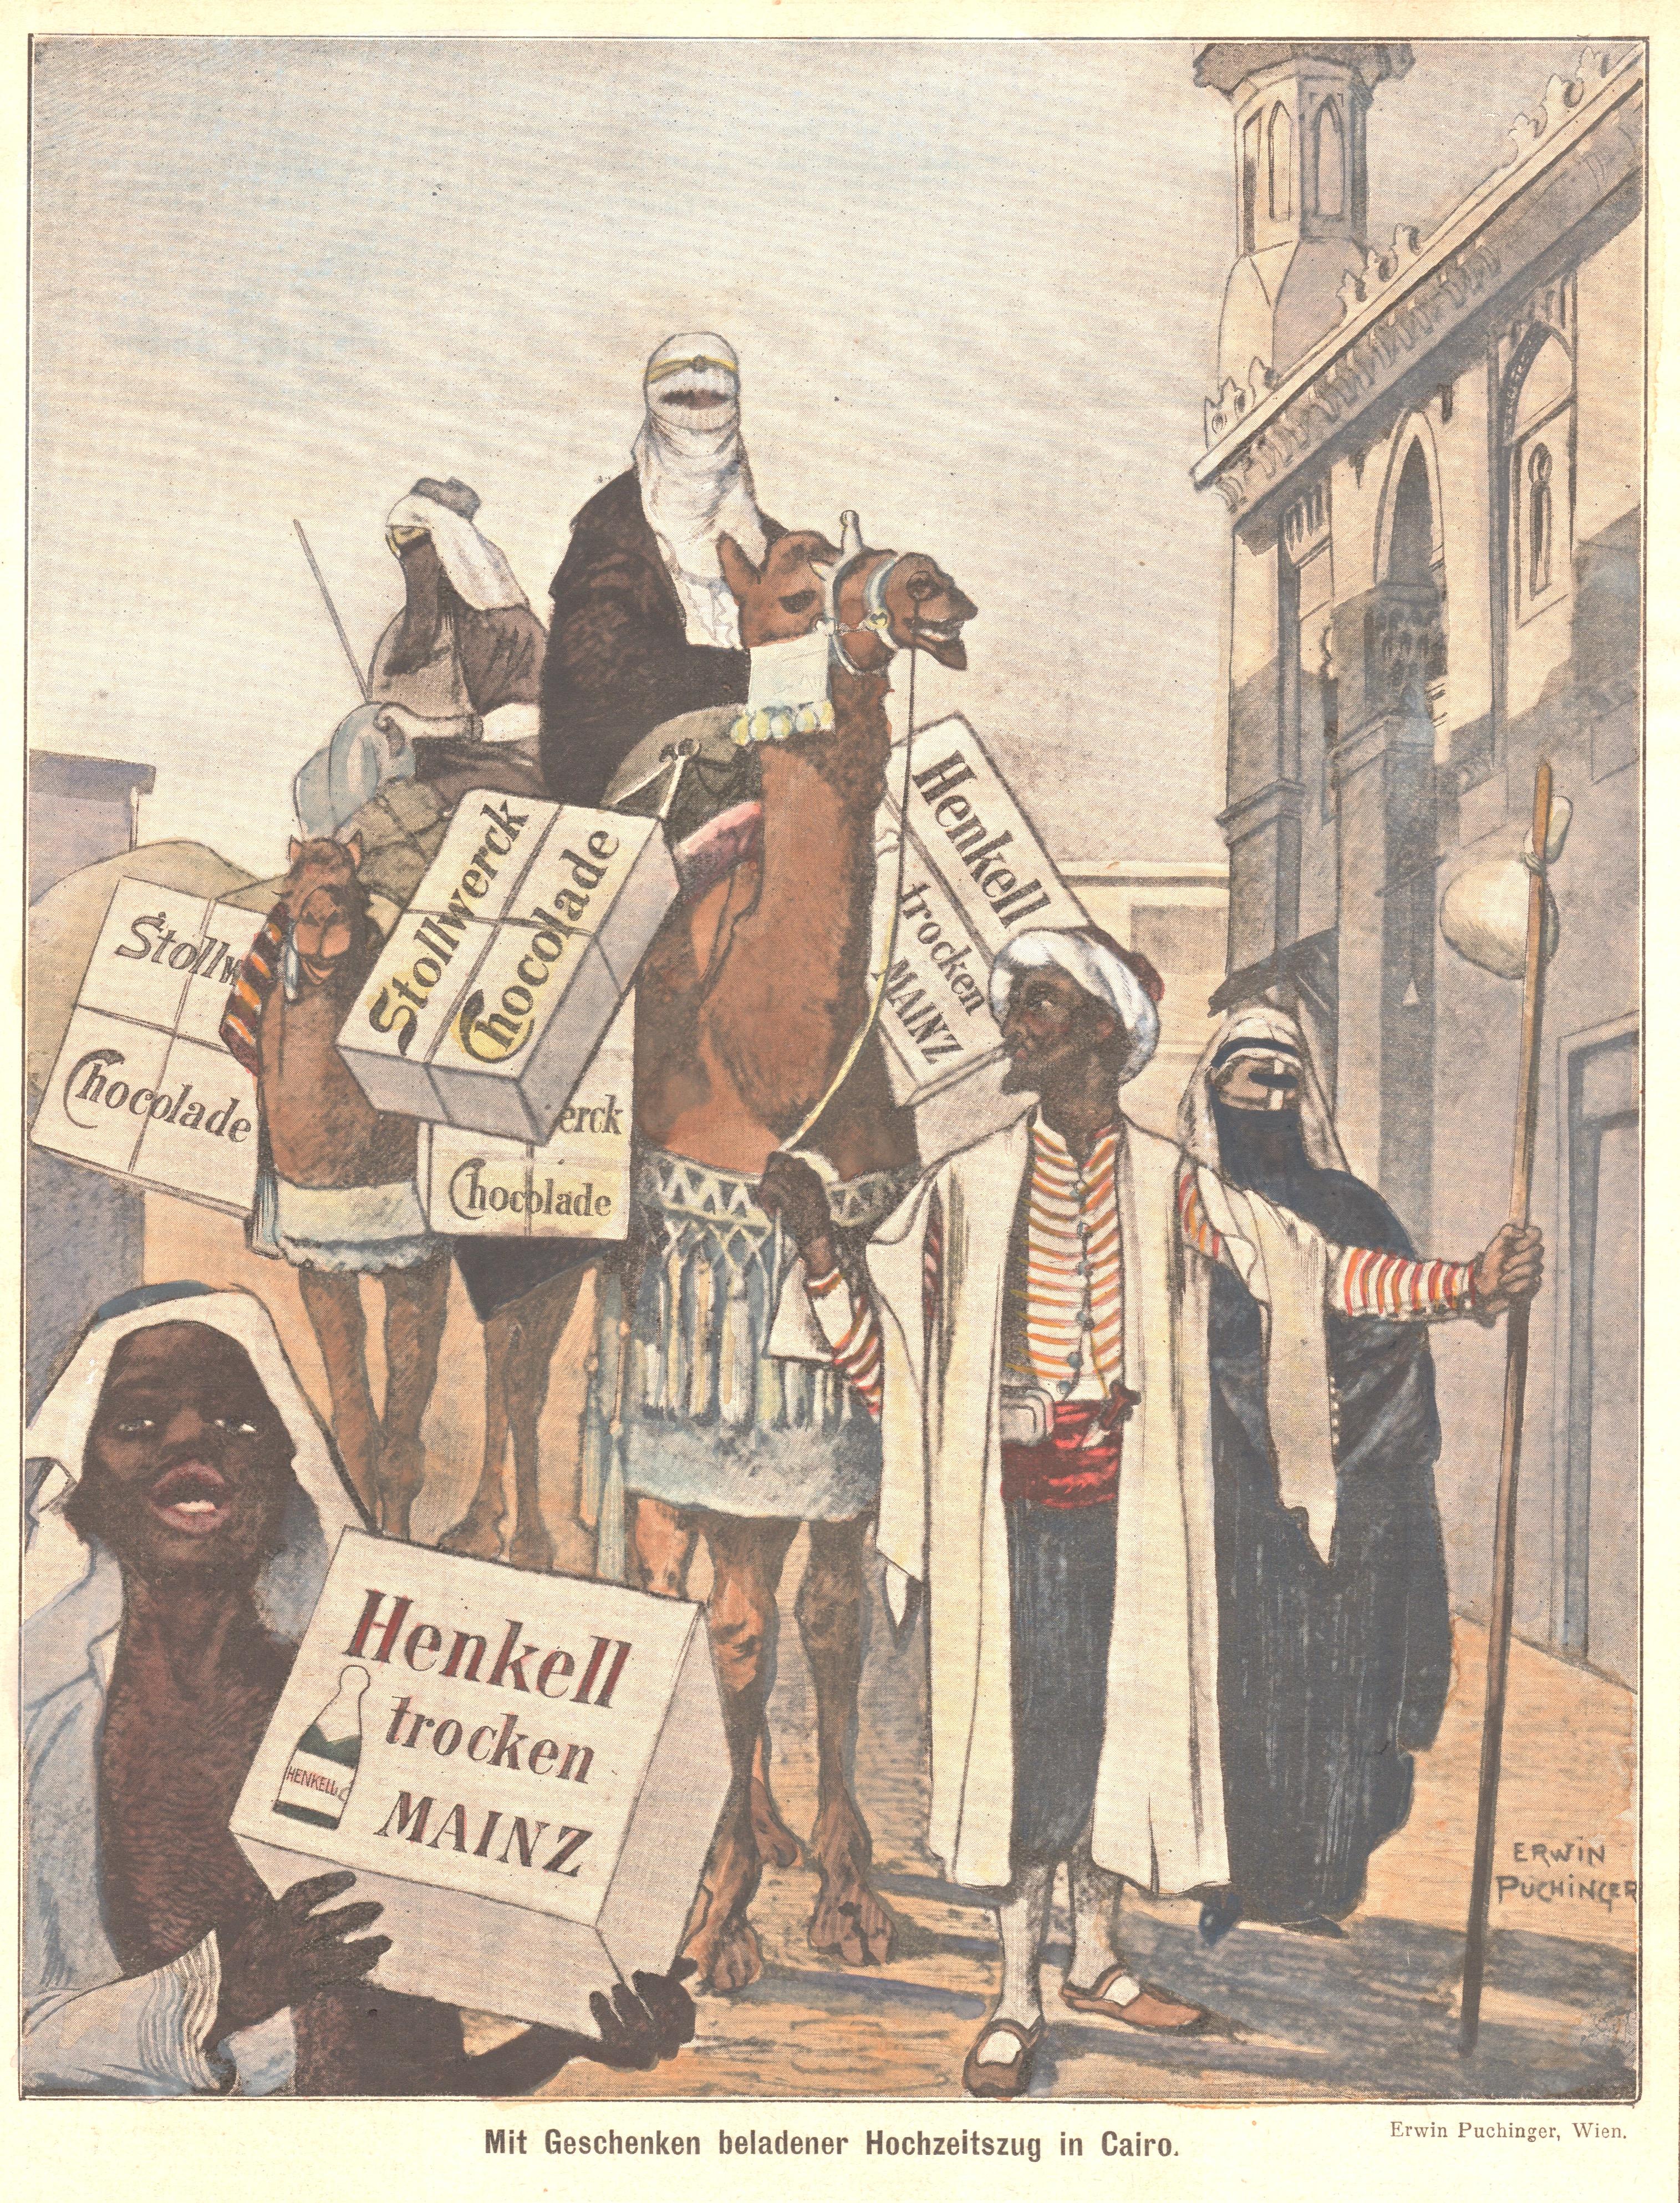 Puchinger Erwin Mit Geschenken beladener Hochzeitszug in Cairo